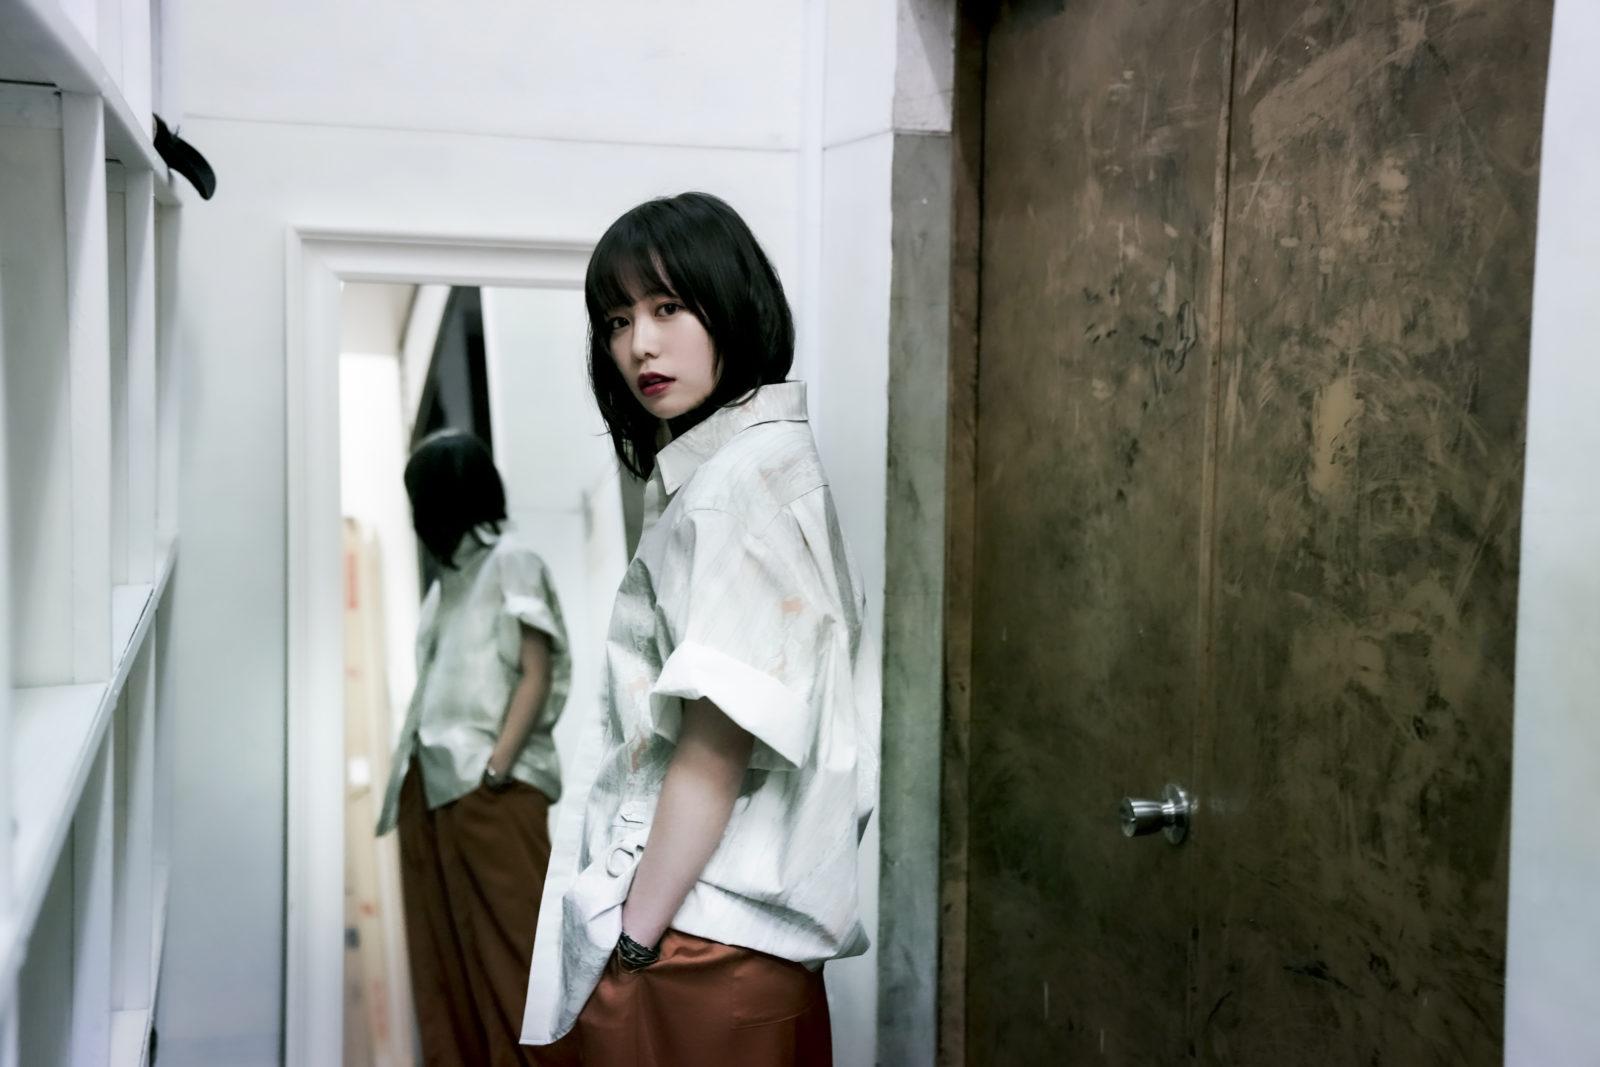 みゆな、新曲「あのねこの話 feat.クボタカイ」リリース決定&TikTok公式アカウント開設サムネイル画像